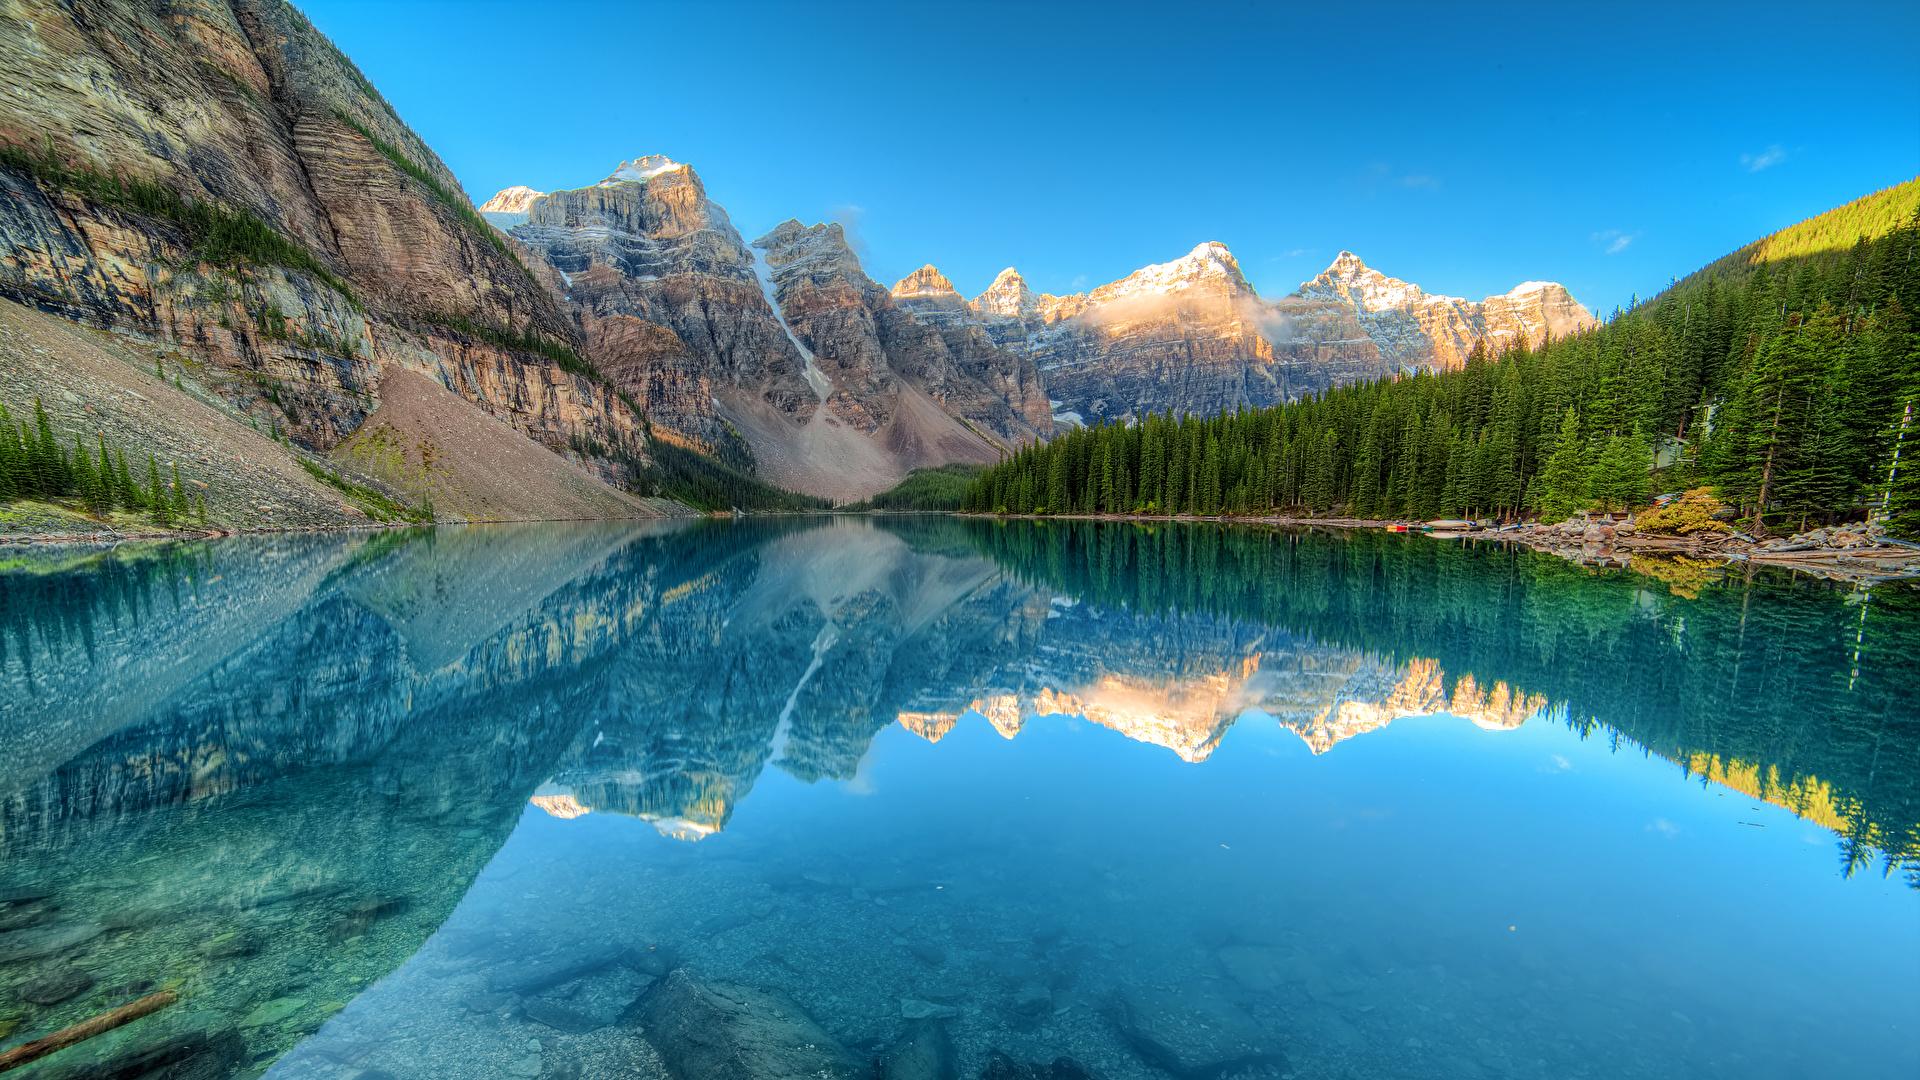 Fonds d'ecran 1920x1080 Canada Parc Montagnes Lac Forêts Photographie de paysage Moraine lake ...